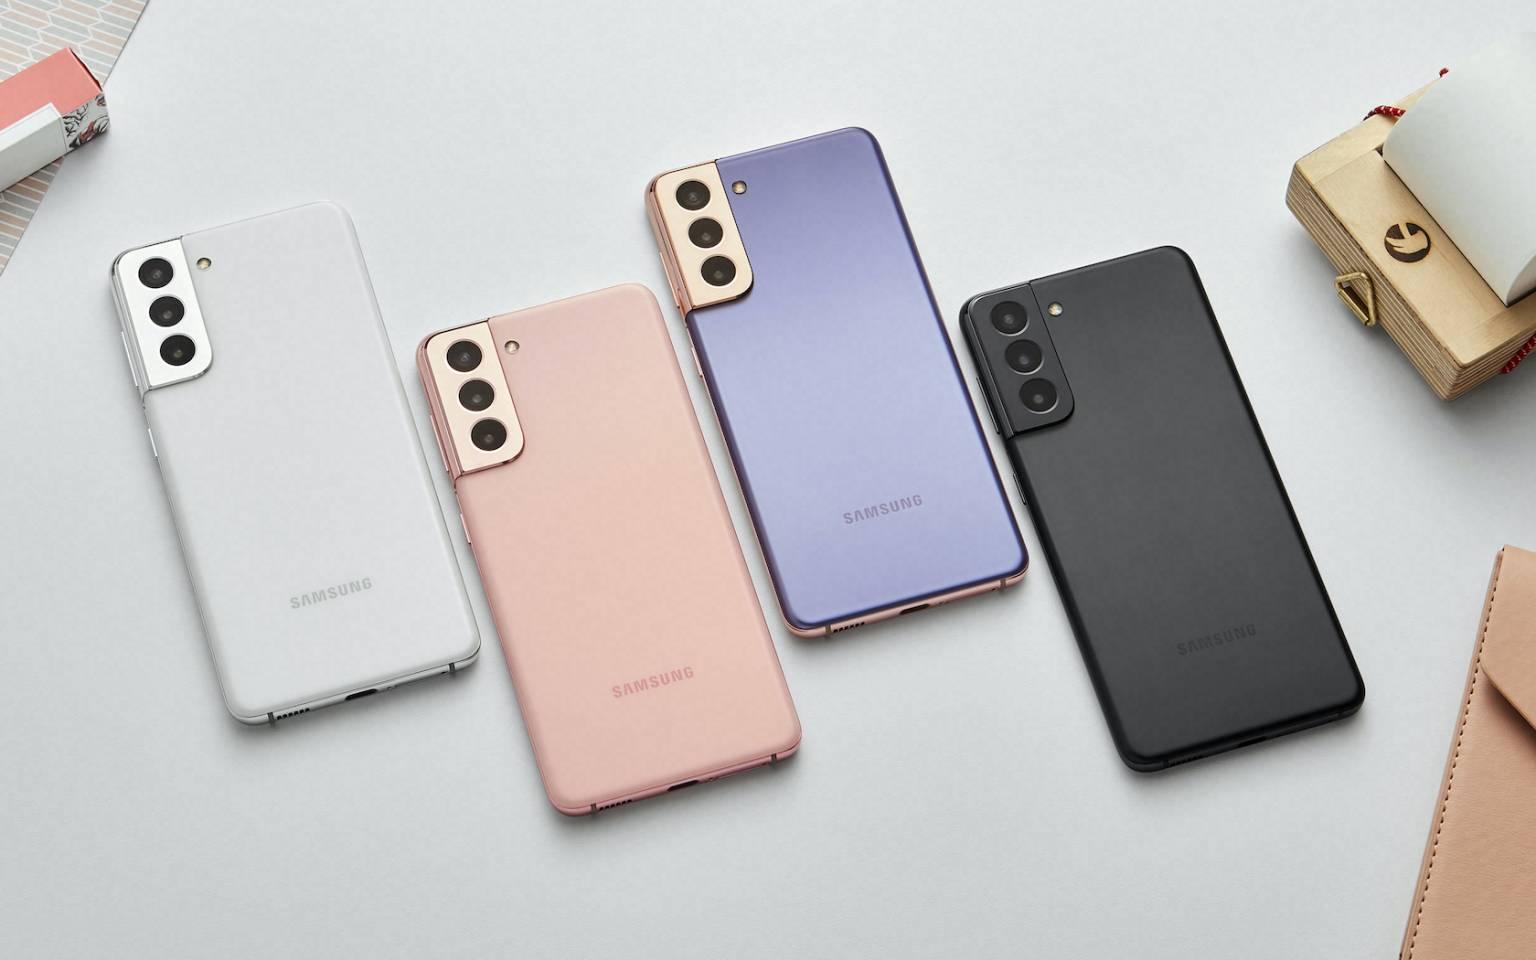 当下最值得入手的4部好手机,内行人公认,看看你买了哪部?